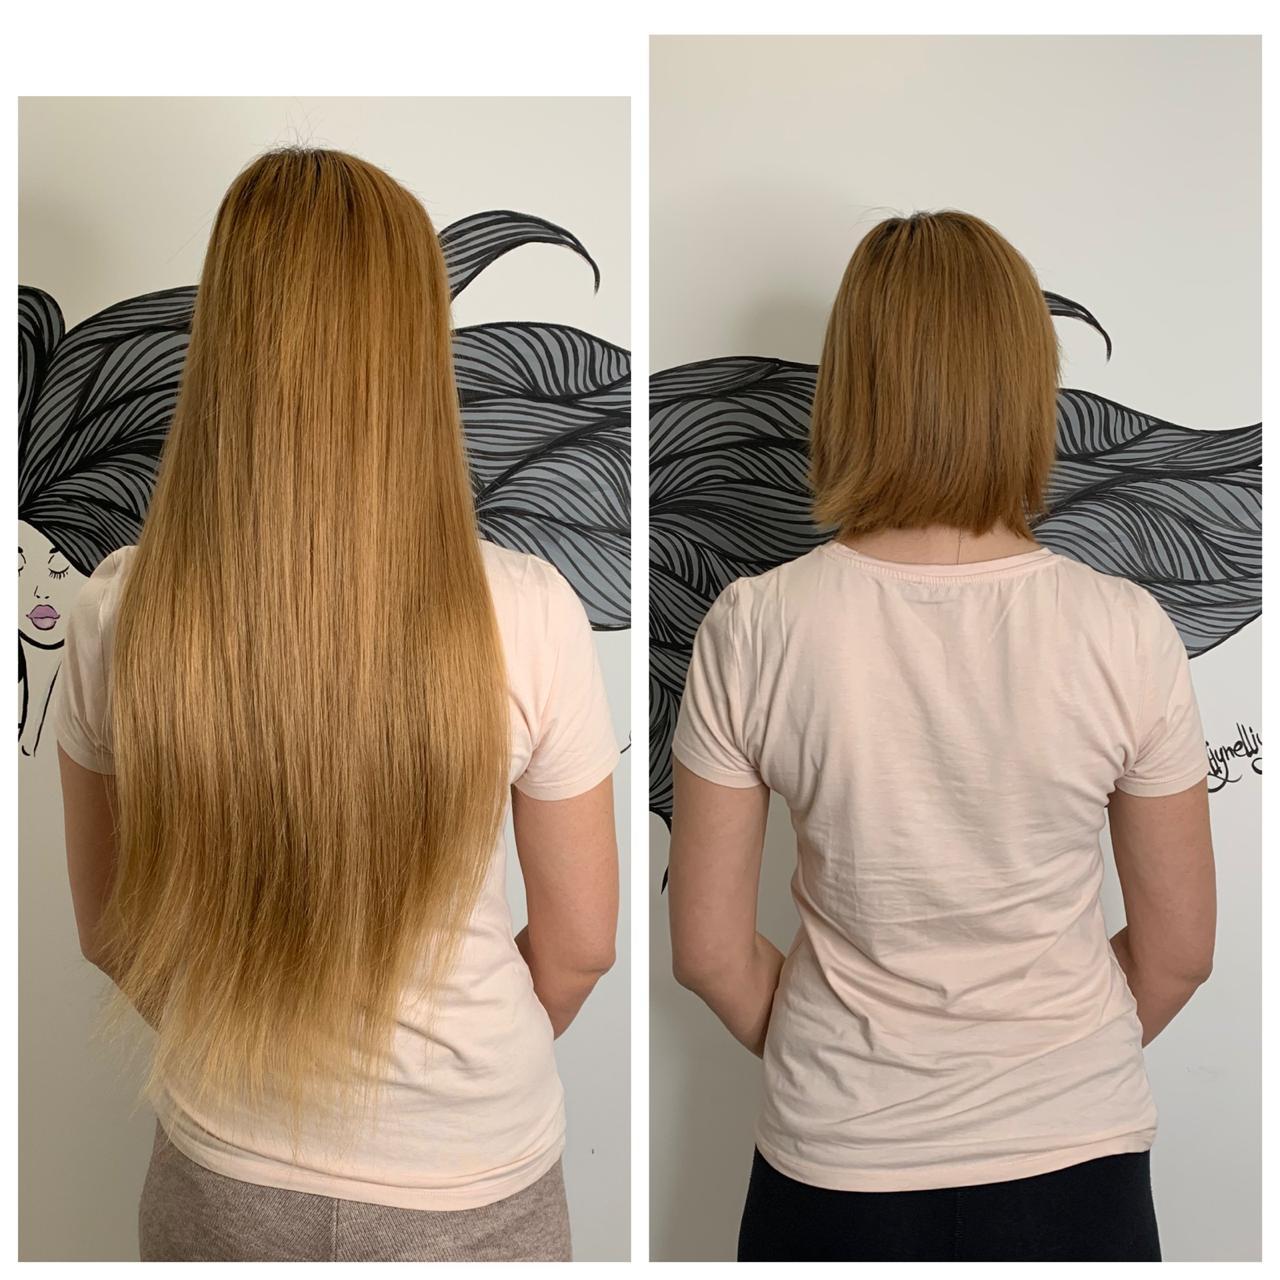 постараться нарощенные волосы до и после фото отзывы популярными видами интимного